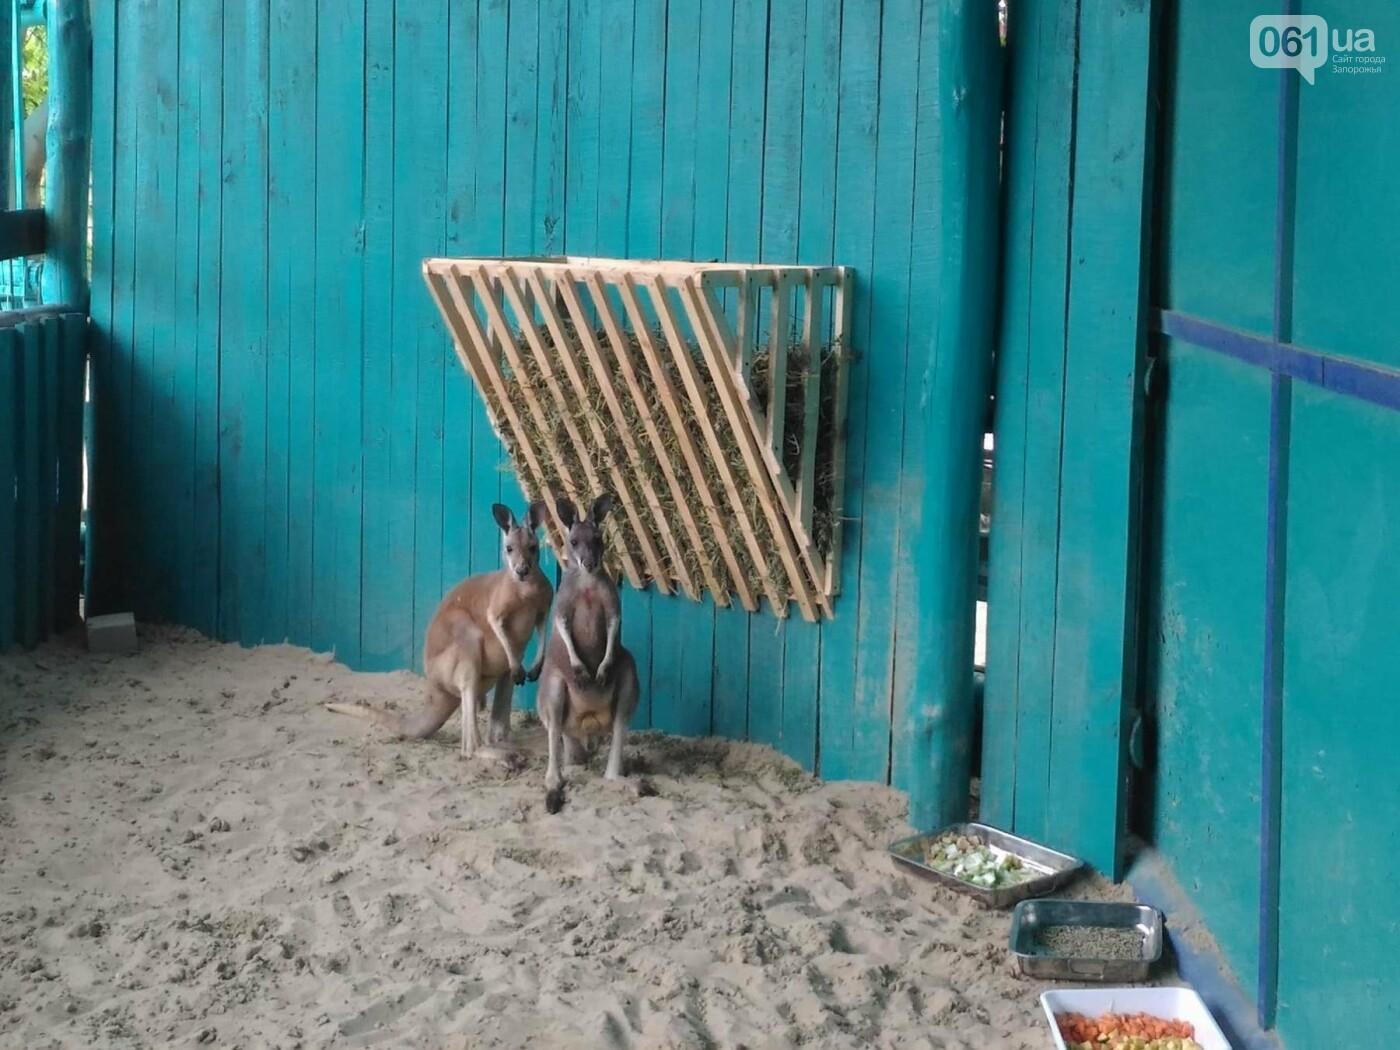 В бердянском зоопарке появились кенгуру, - ФОТО, ВИДЕО, фото-3